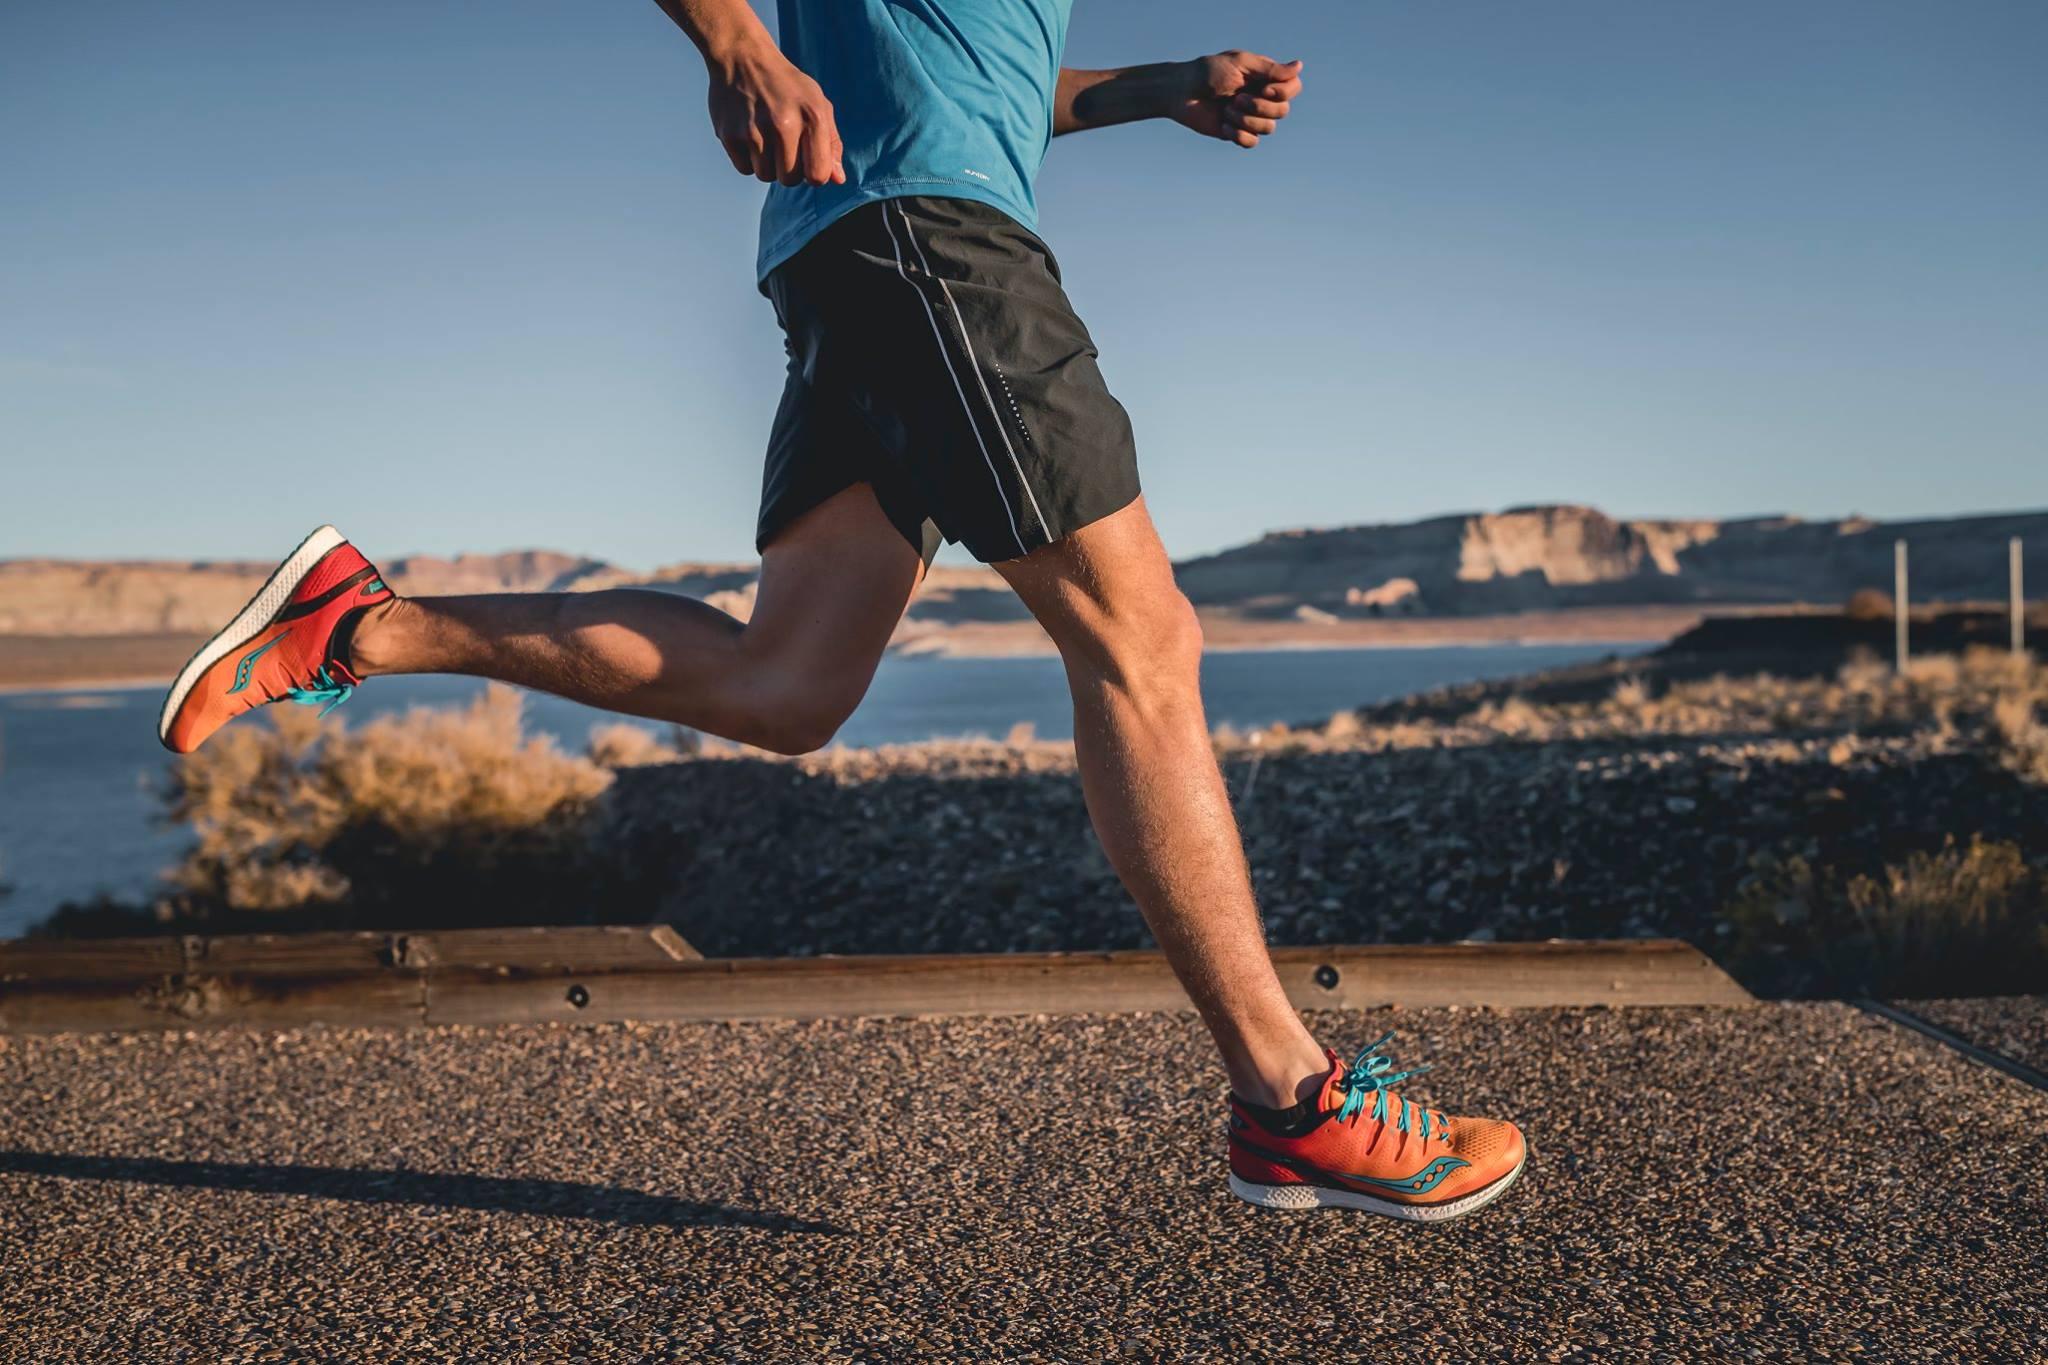 【运动健身】Running Shoes 慢跑鞋入门指南